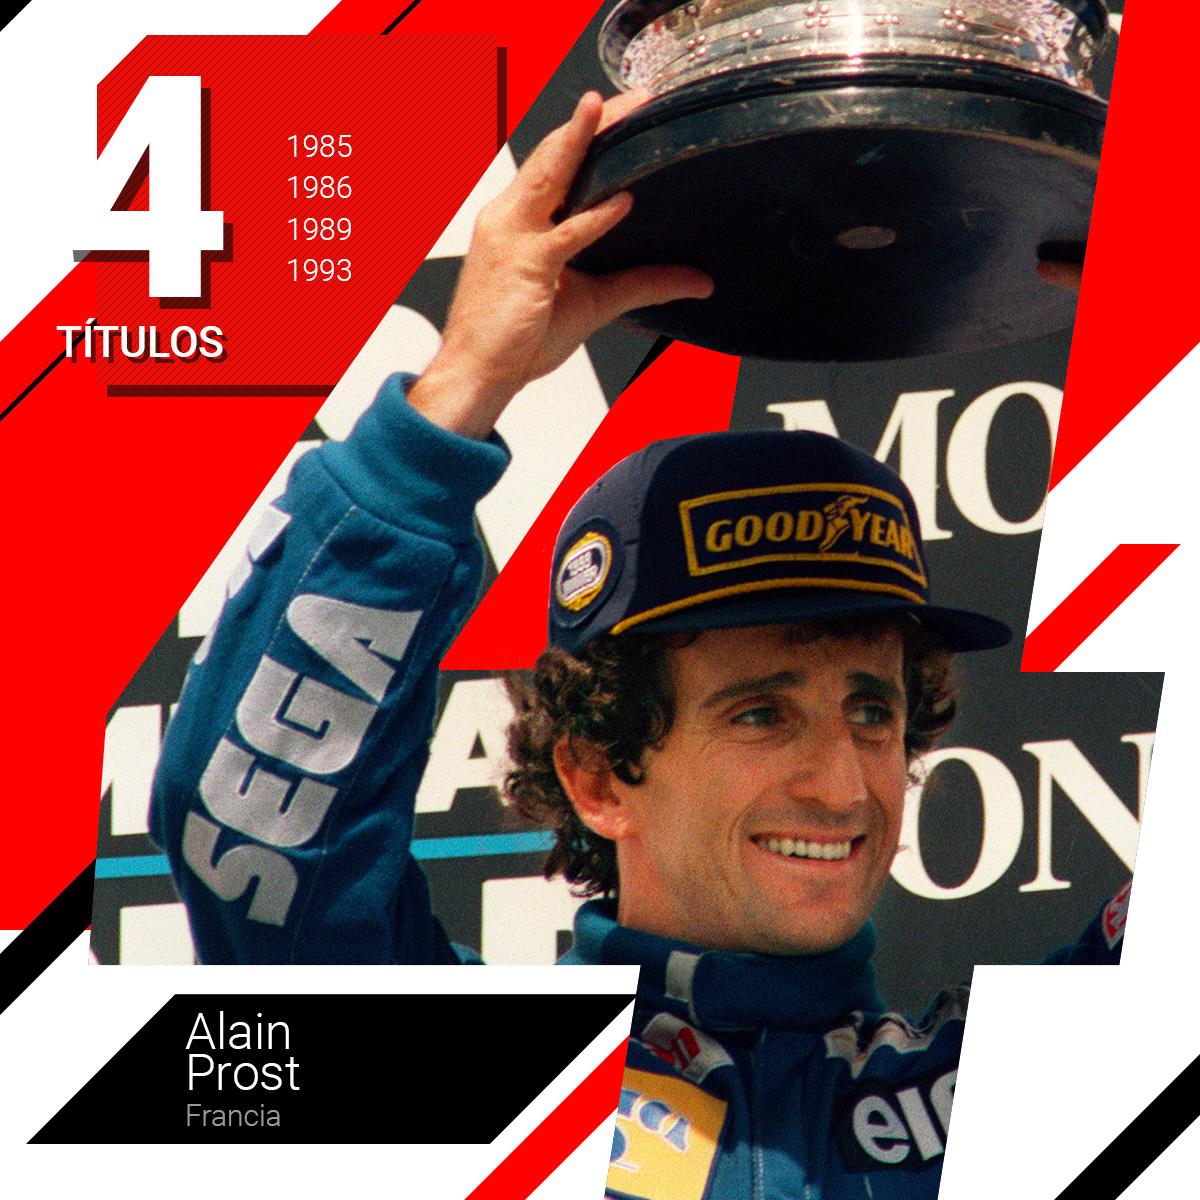 Alain Prost, campeón durante sus años de rivalidad con el brasileño Airton Senna